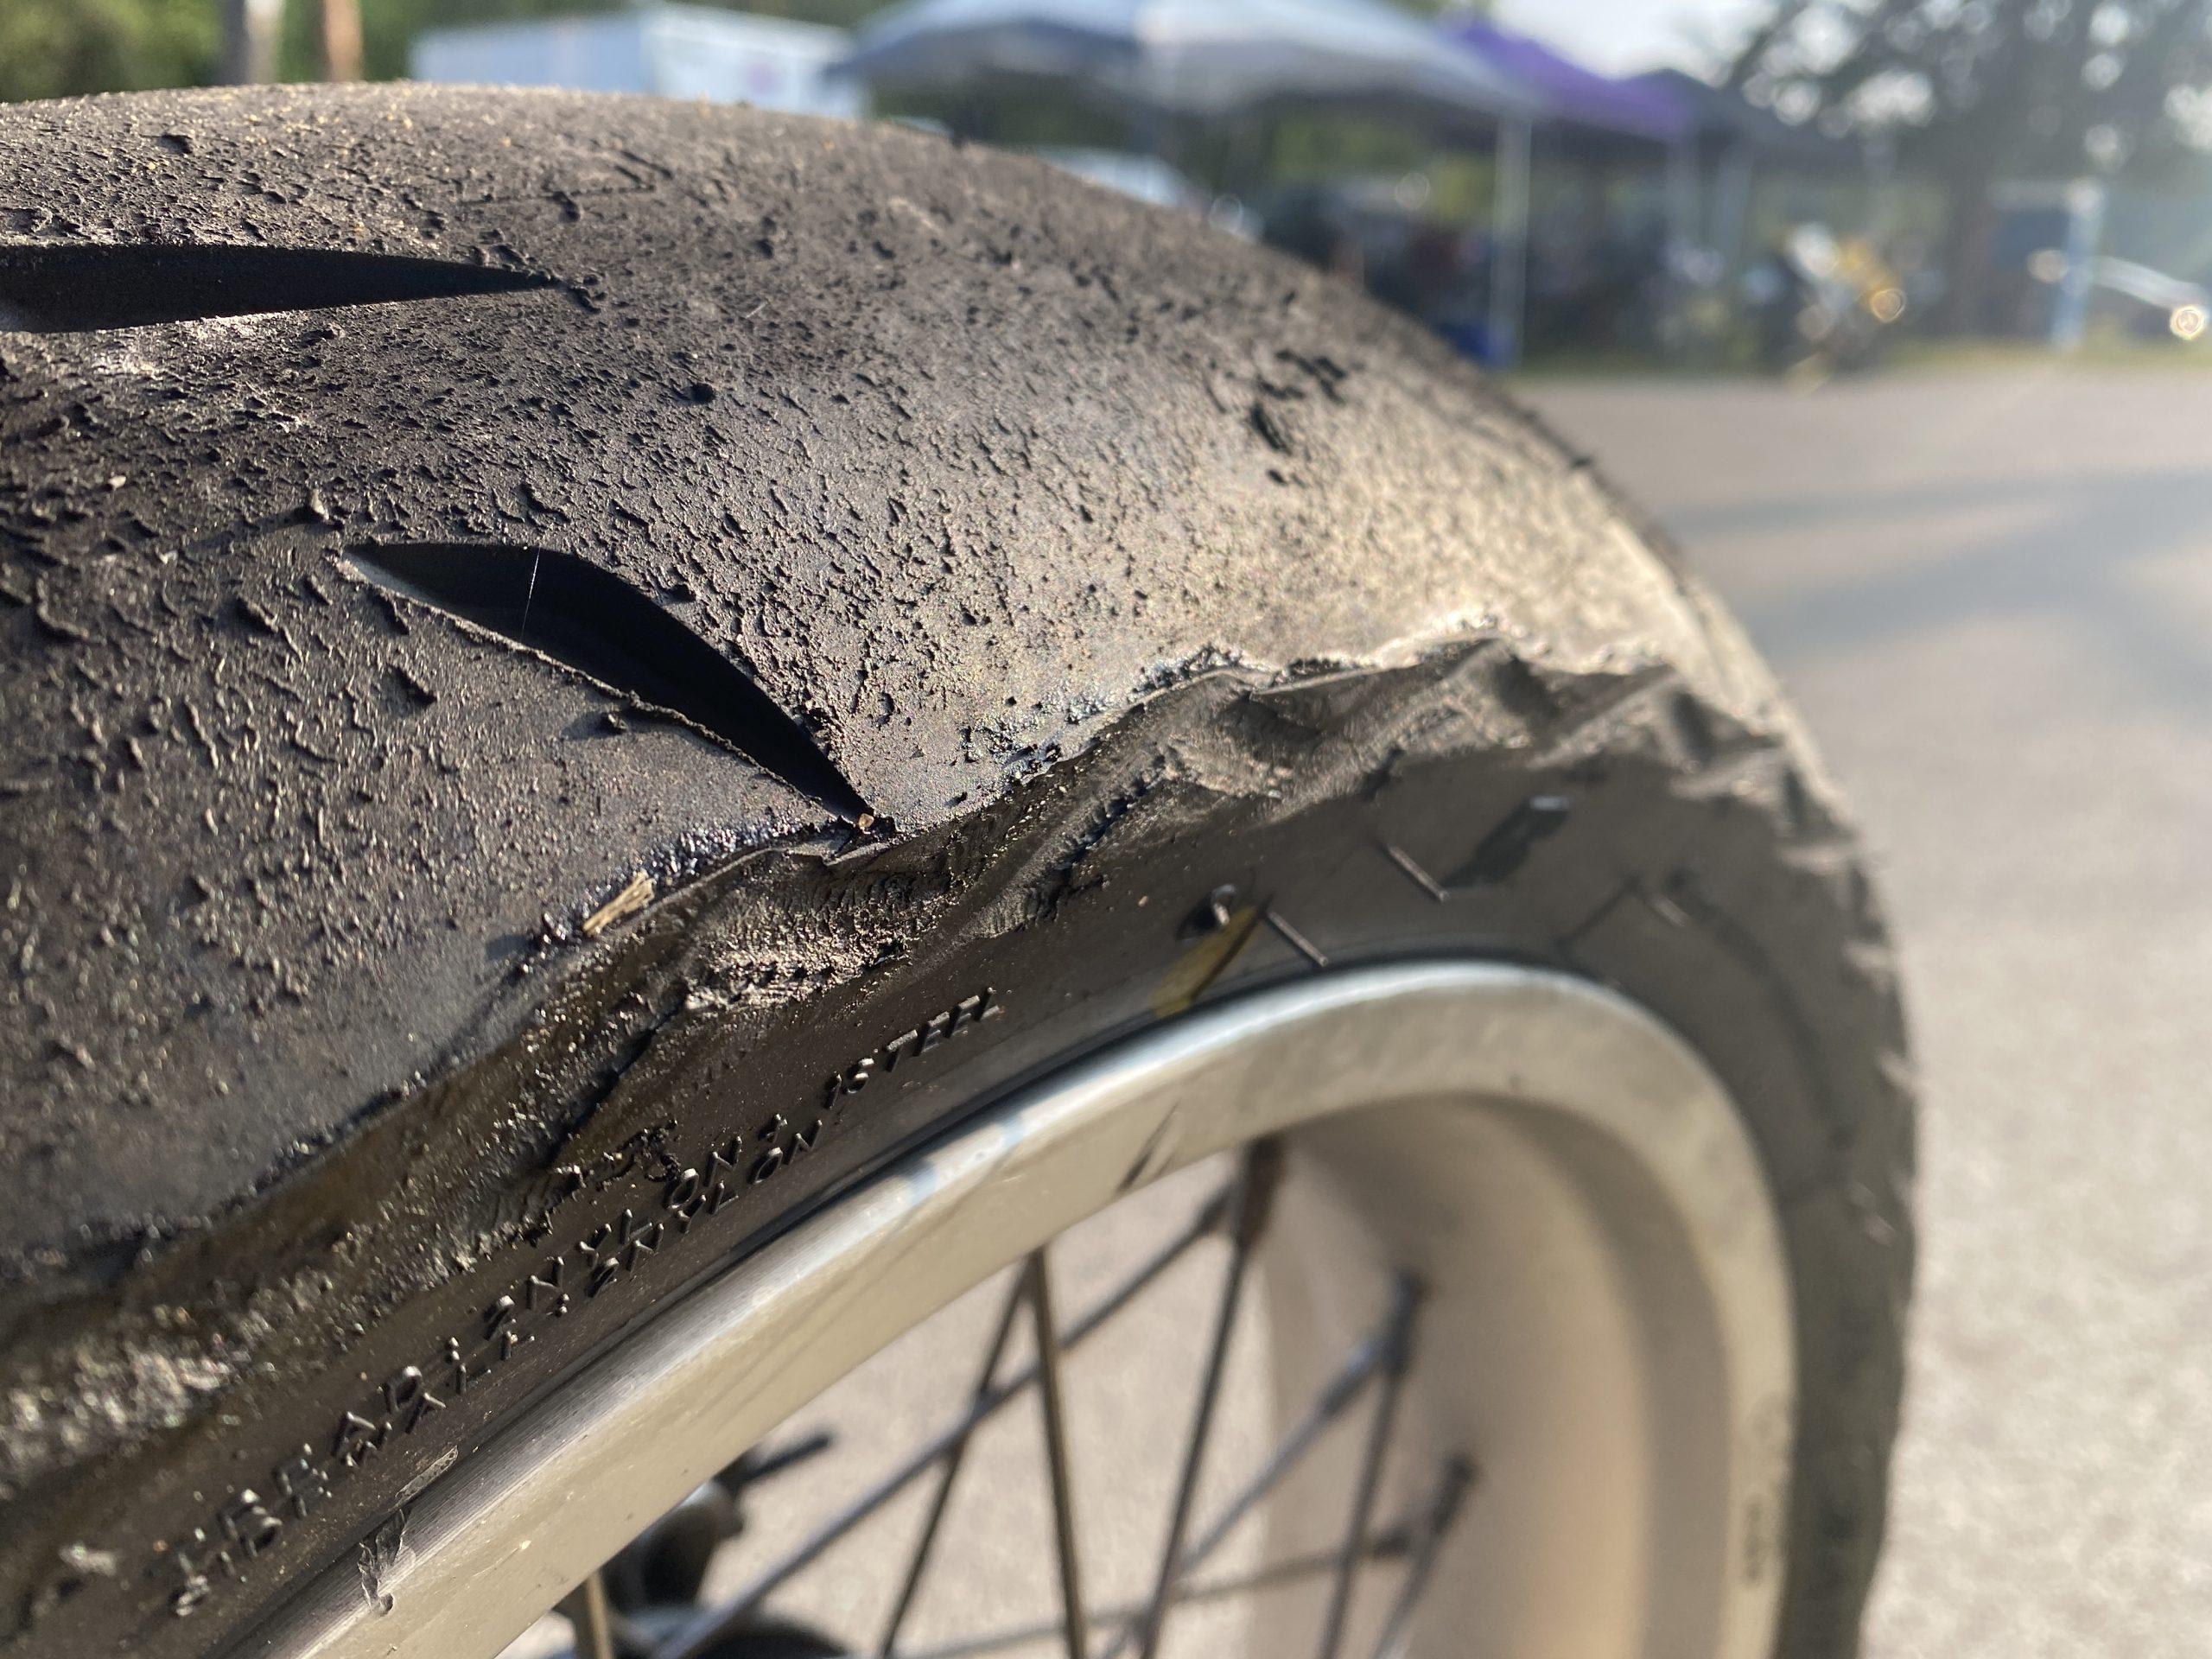 motorbike tire wear